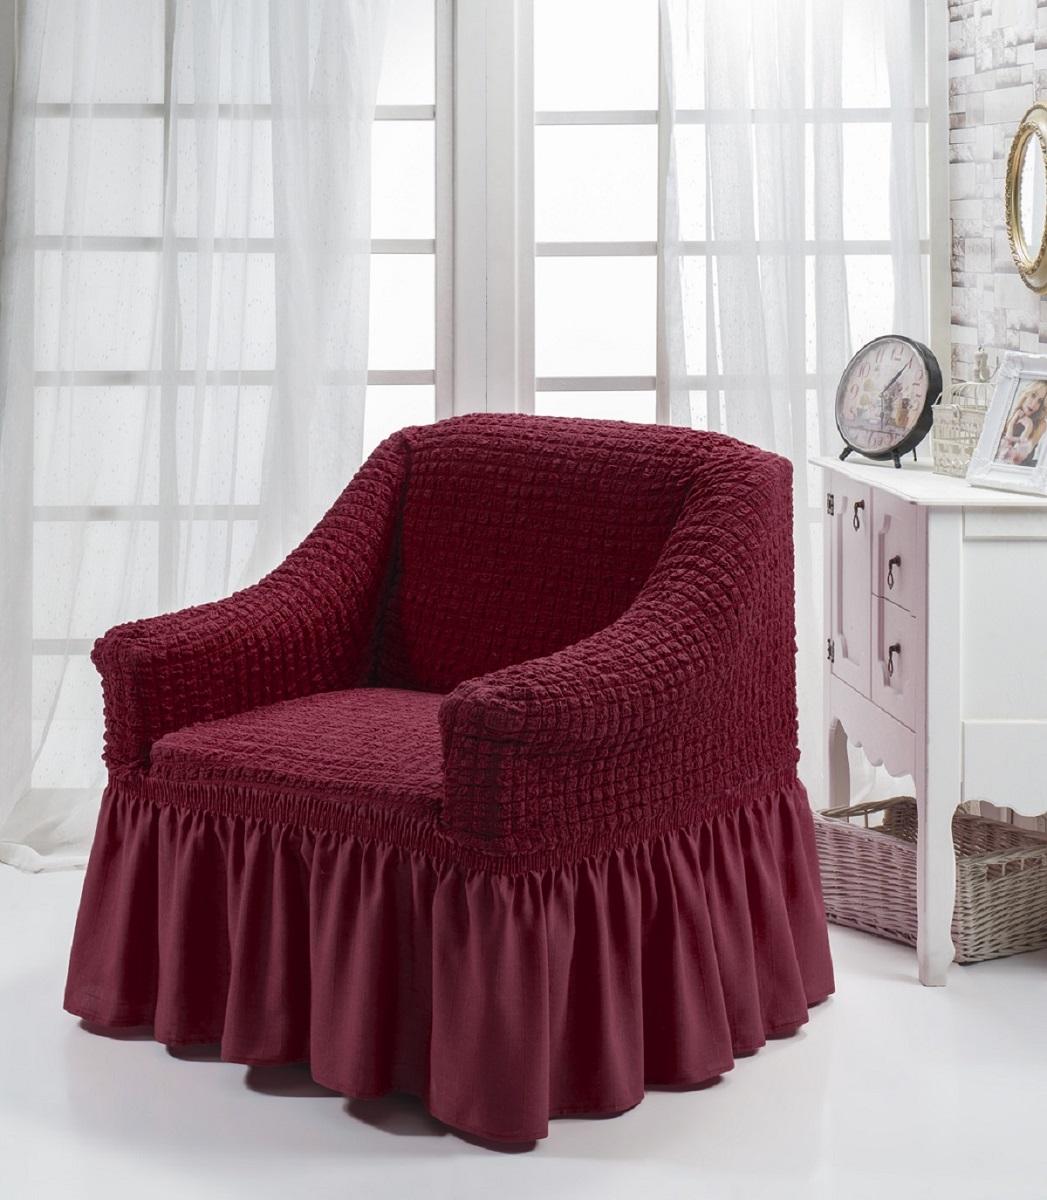 Чехол для кресла Burumcuk Bulsan, цвет: бордовый1797/CHAR002Чехол на кресло Burumcuk Bulsan выполнен из высококачественного полиэстера и хлопка с красивым рельефом. Предназначен для кресла стандартного размера со спинкой высотой в 140 см. Такой чехол изысканно дополнит интерьер вашего дома. Изделие прорезинено со всех сторон и оснащено закрывающей оборкой.Ширина и глубина посадочного места: 70-80 см.Высота спинки от сиденья: 70-80 см.Высота подлокотников: 35-45 см.Ширина подлокотников: 25-35 см.Длина оборки: 35 см.